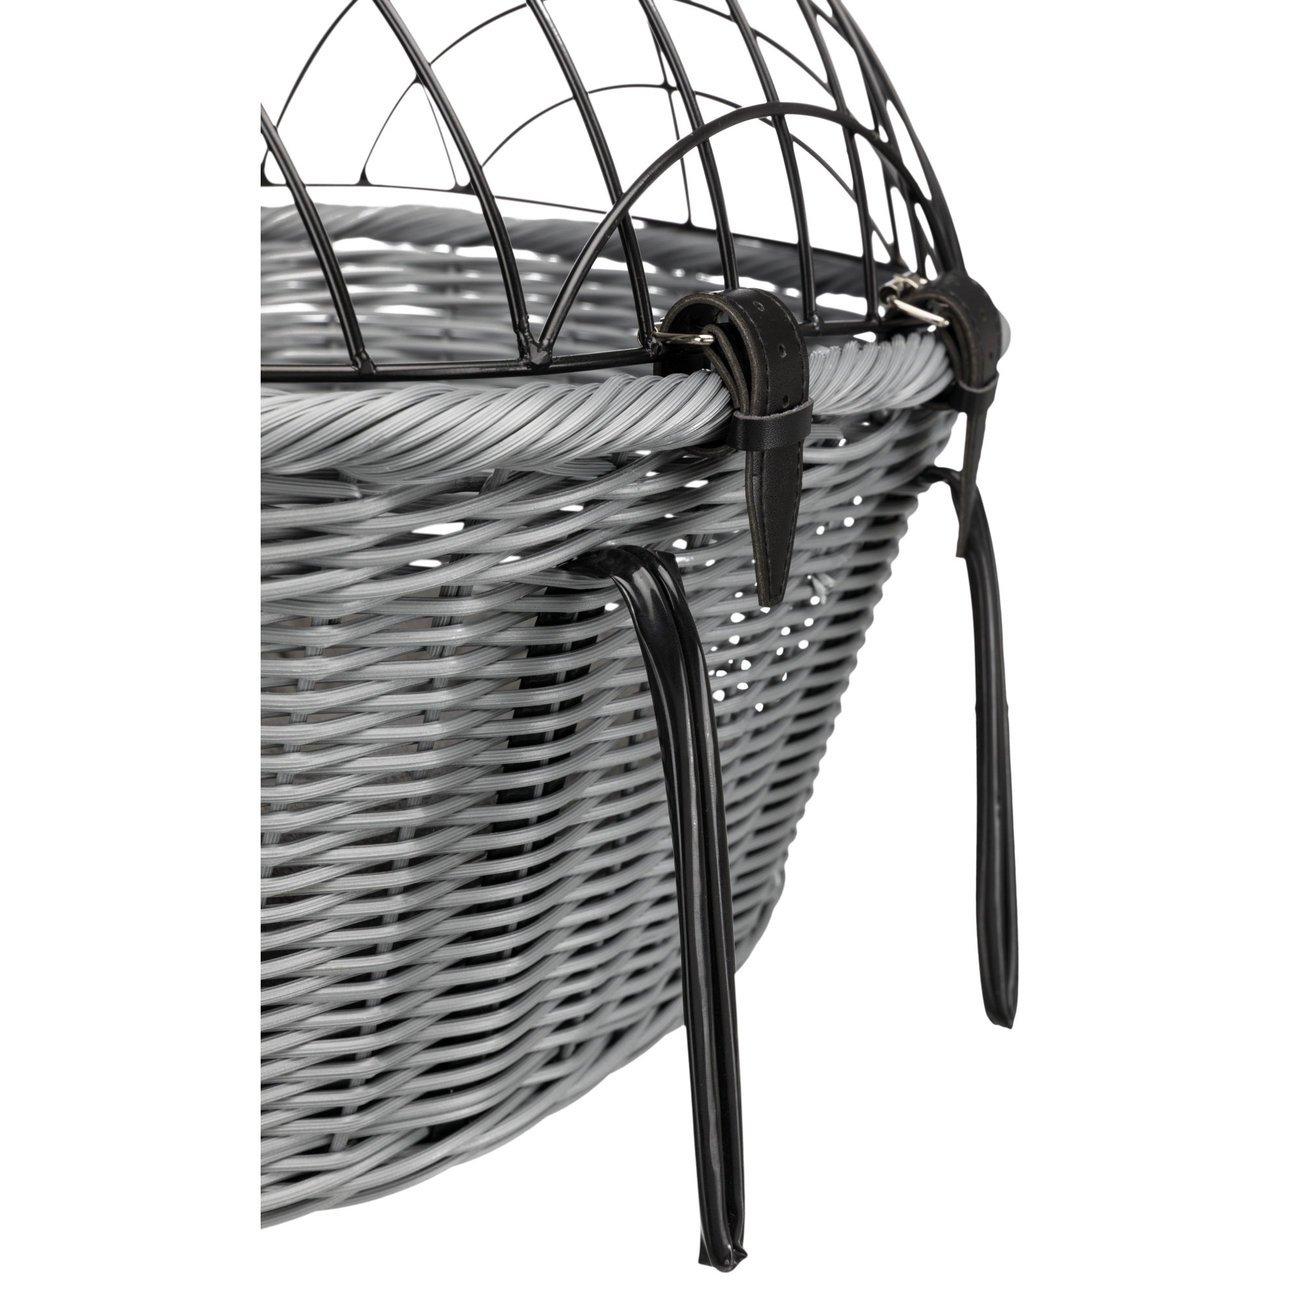 Trixie Fahrradkorb aus Polyrattan mit Gitter 13119, Bild 2